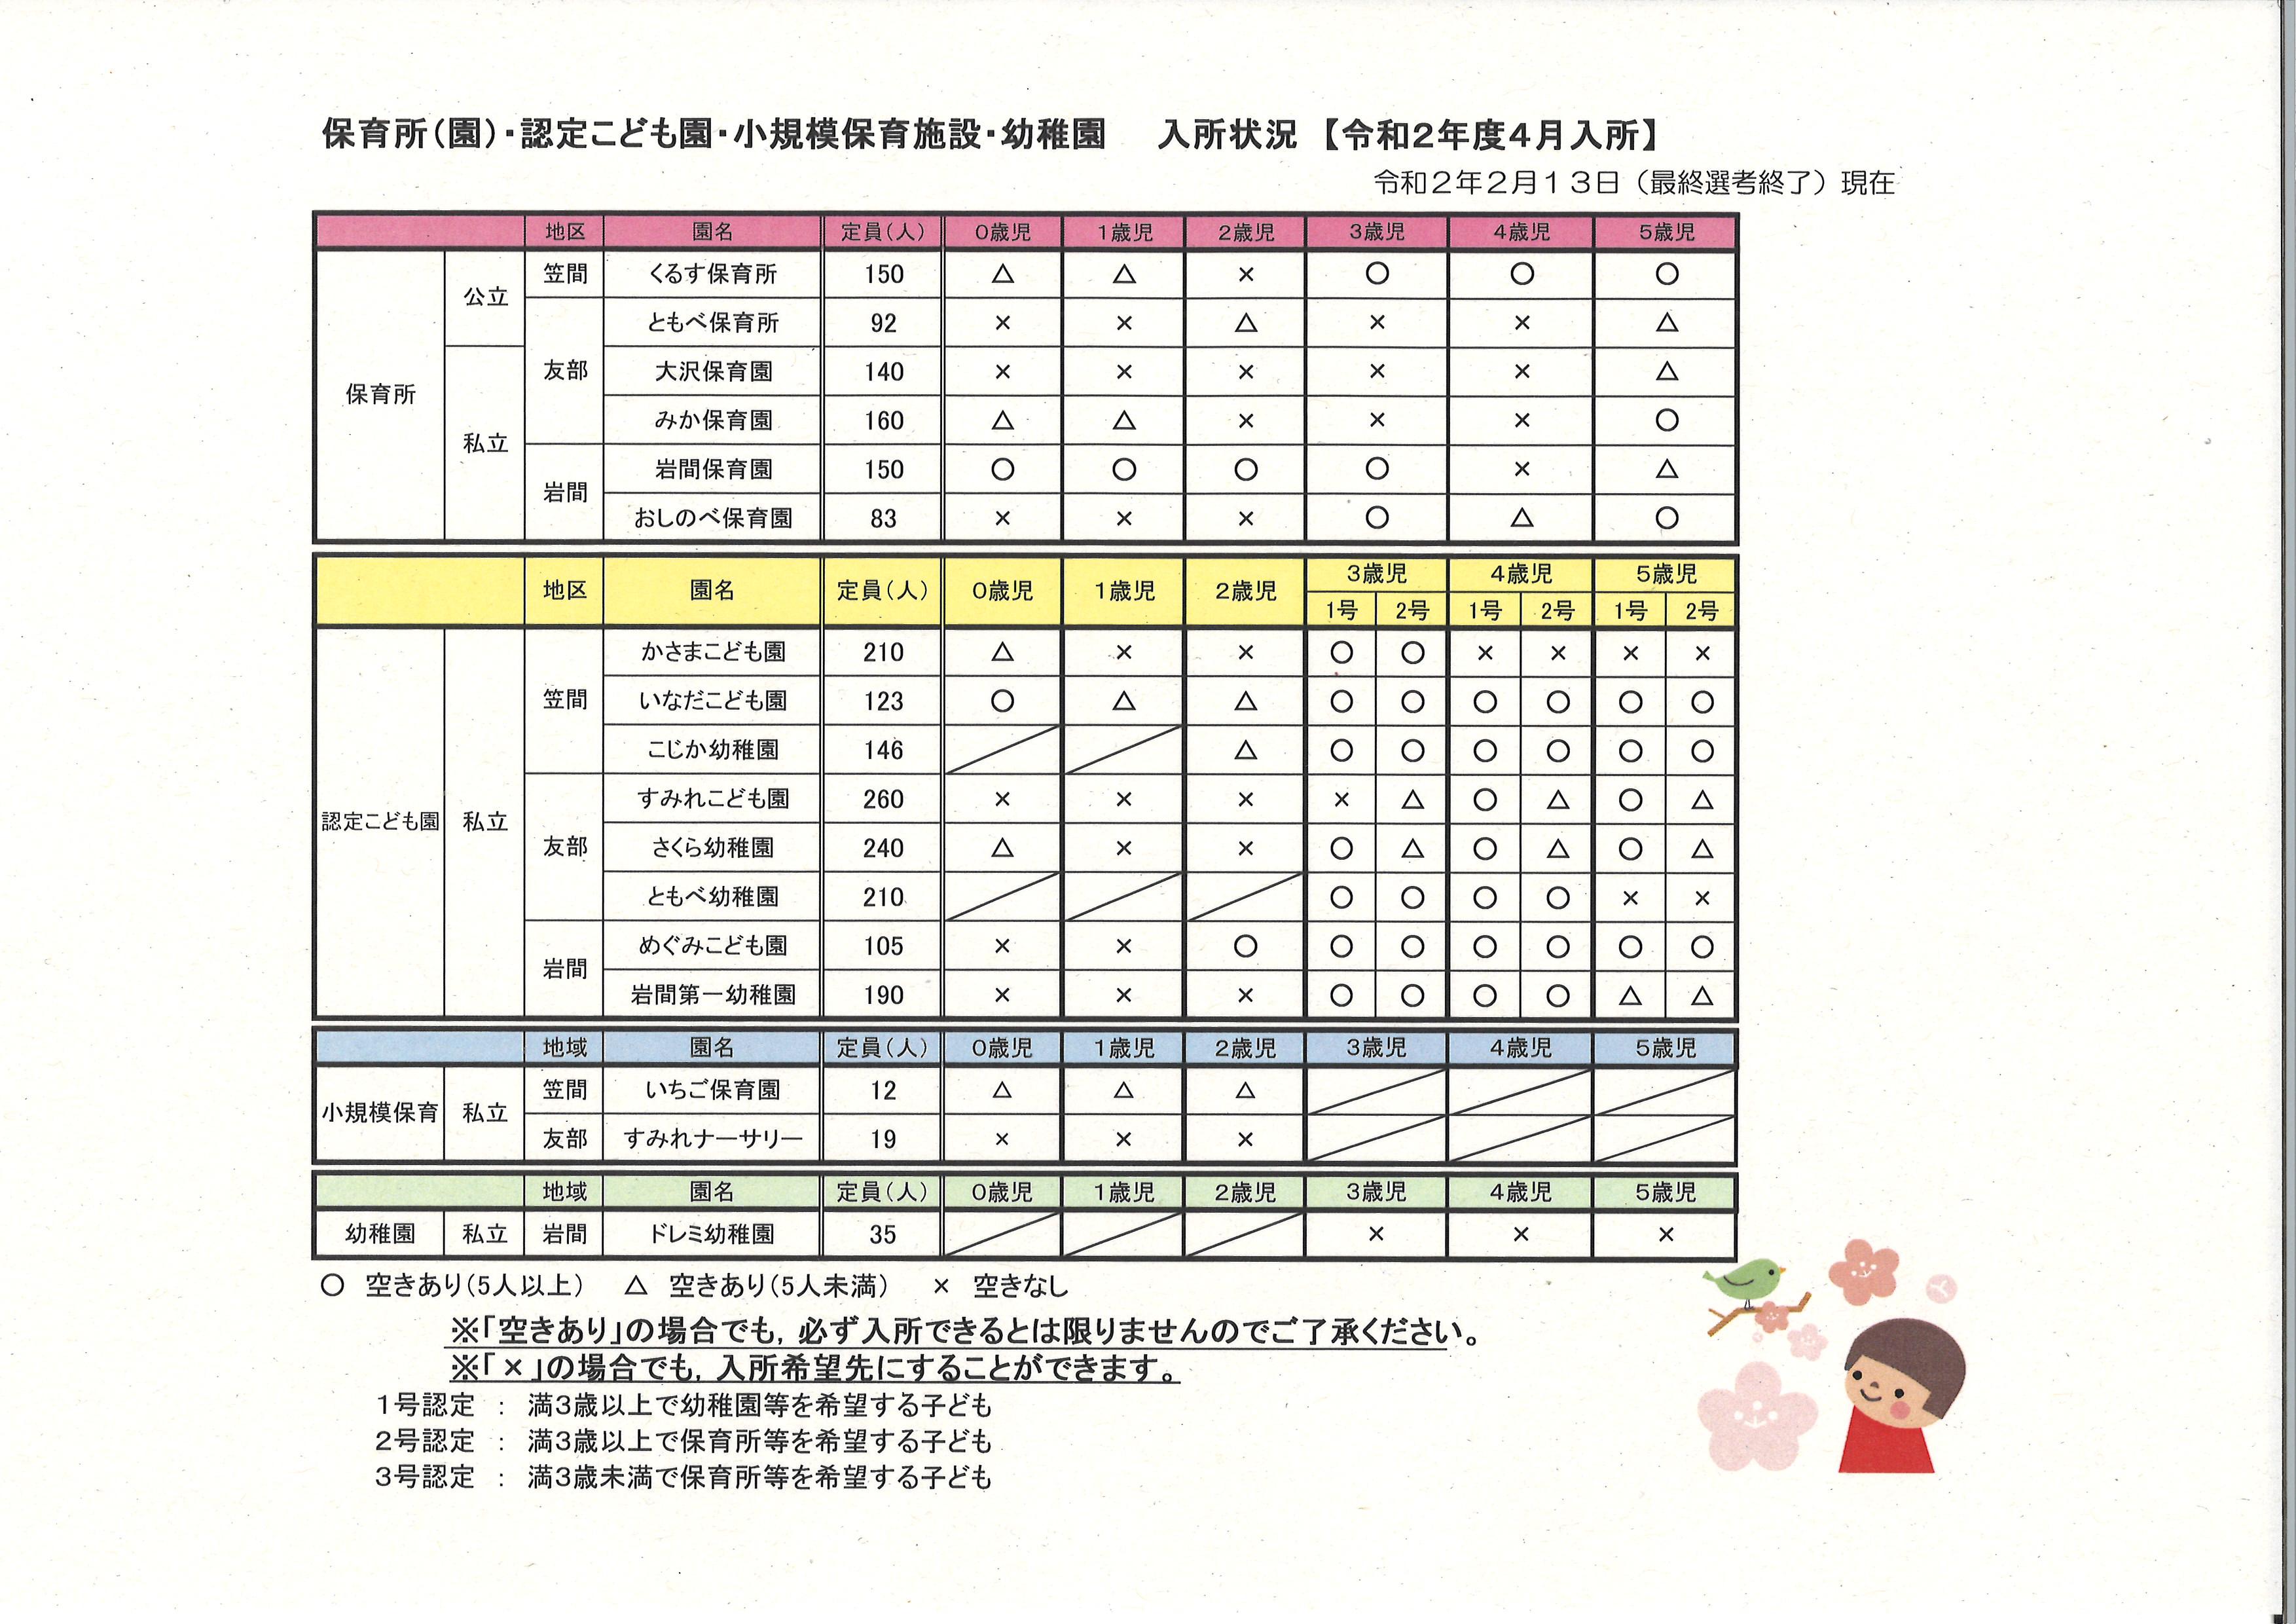 『空き状況表(4月)』の画像